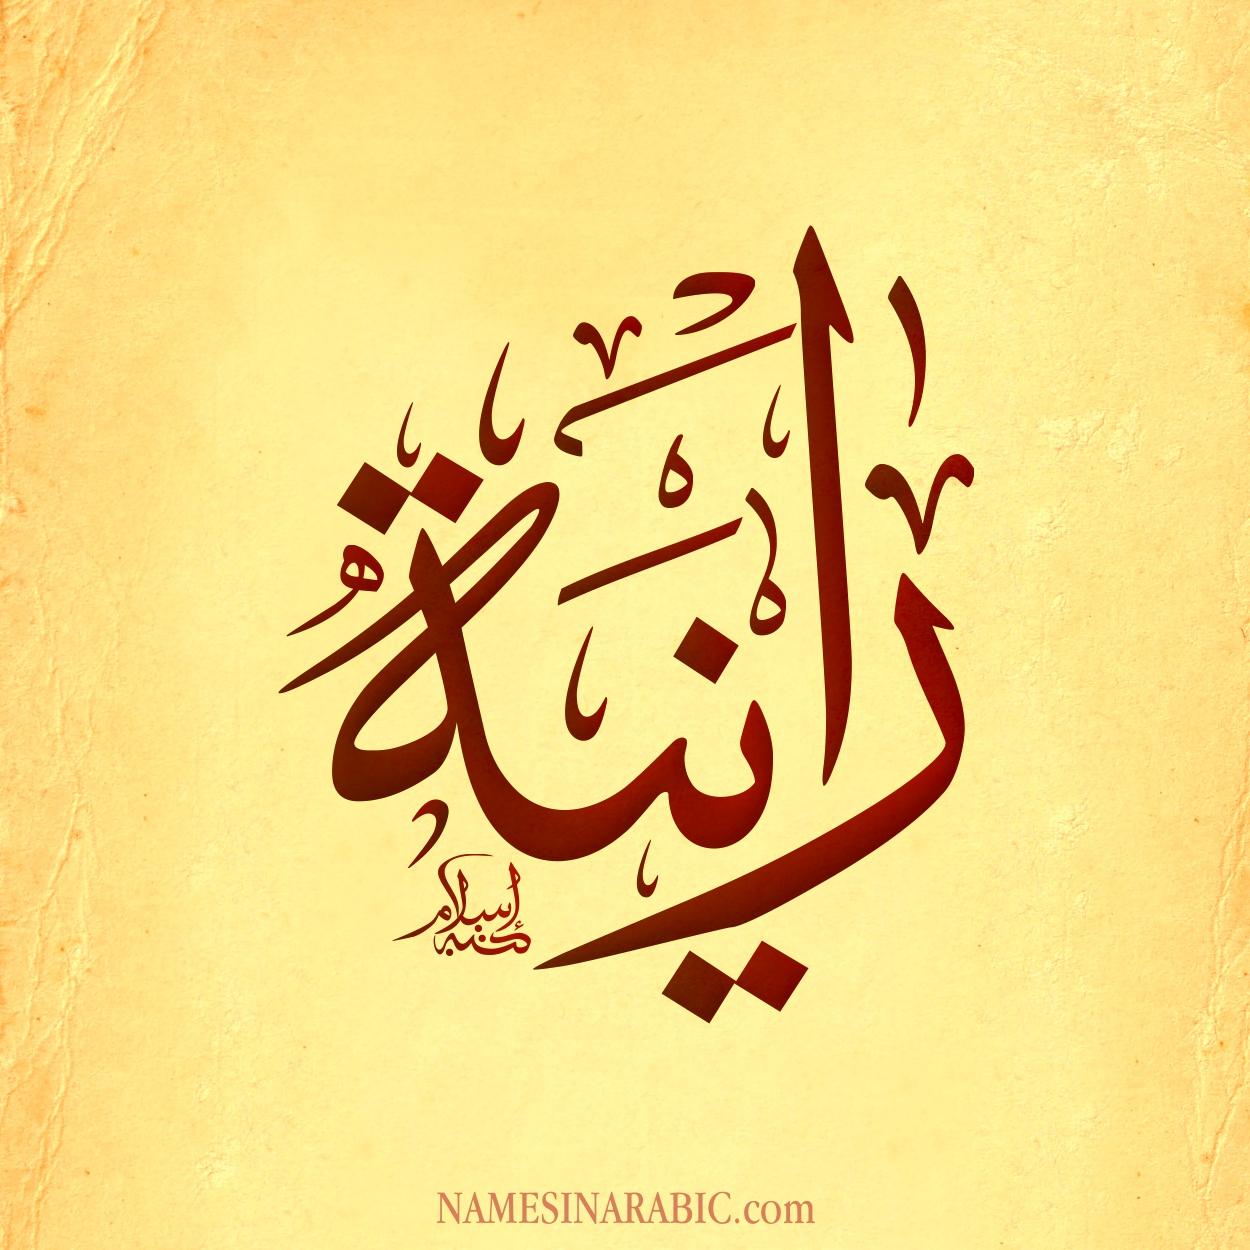 صورة اسم رانية Ranyh اسم رانية بالخط العربي من موقع الأسماء بالخط العربي بريشة الفنان إسلام ابن الفضل